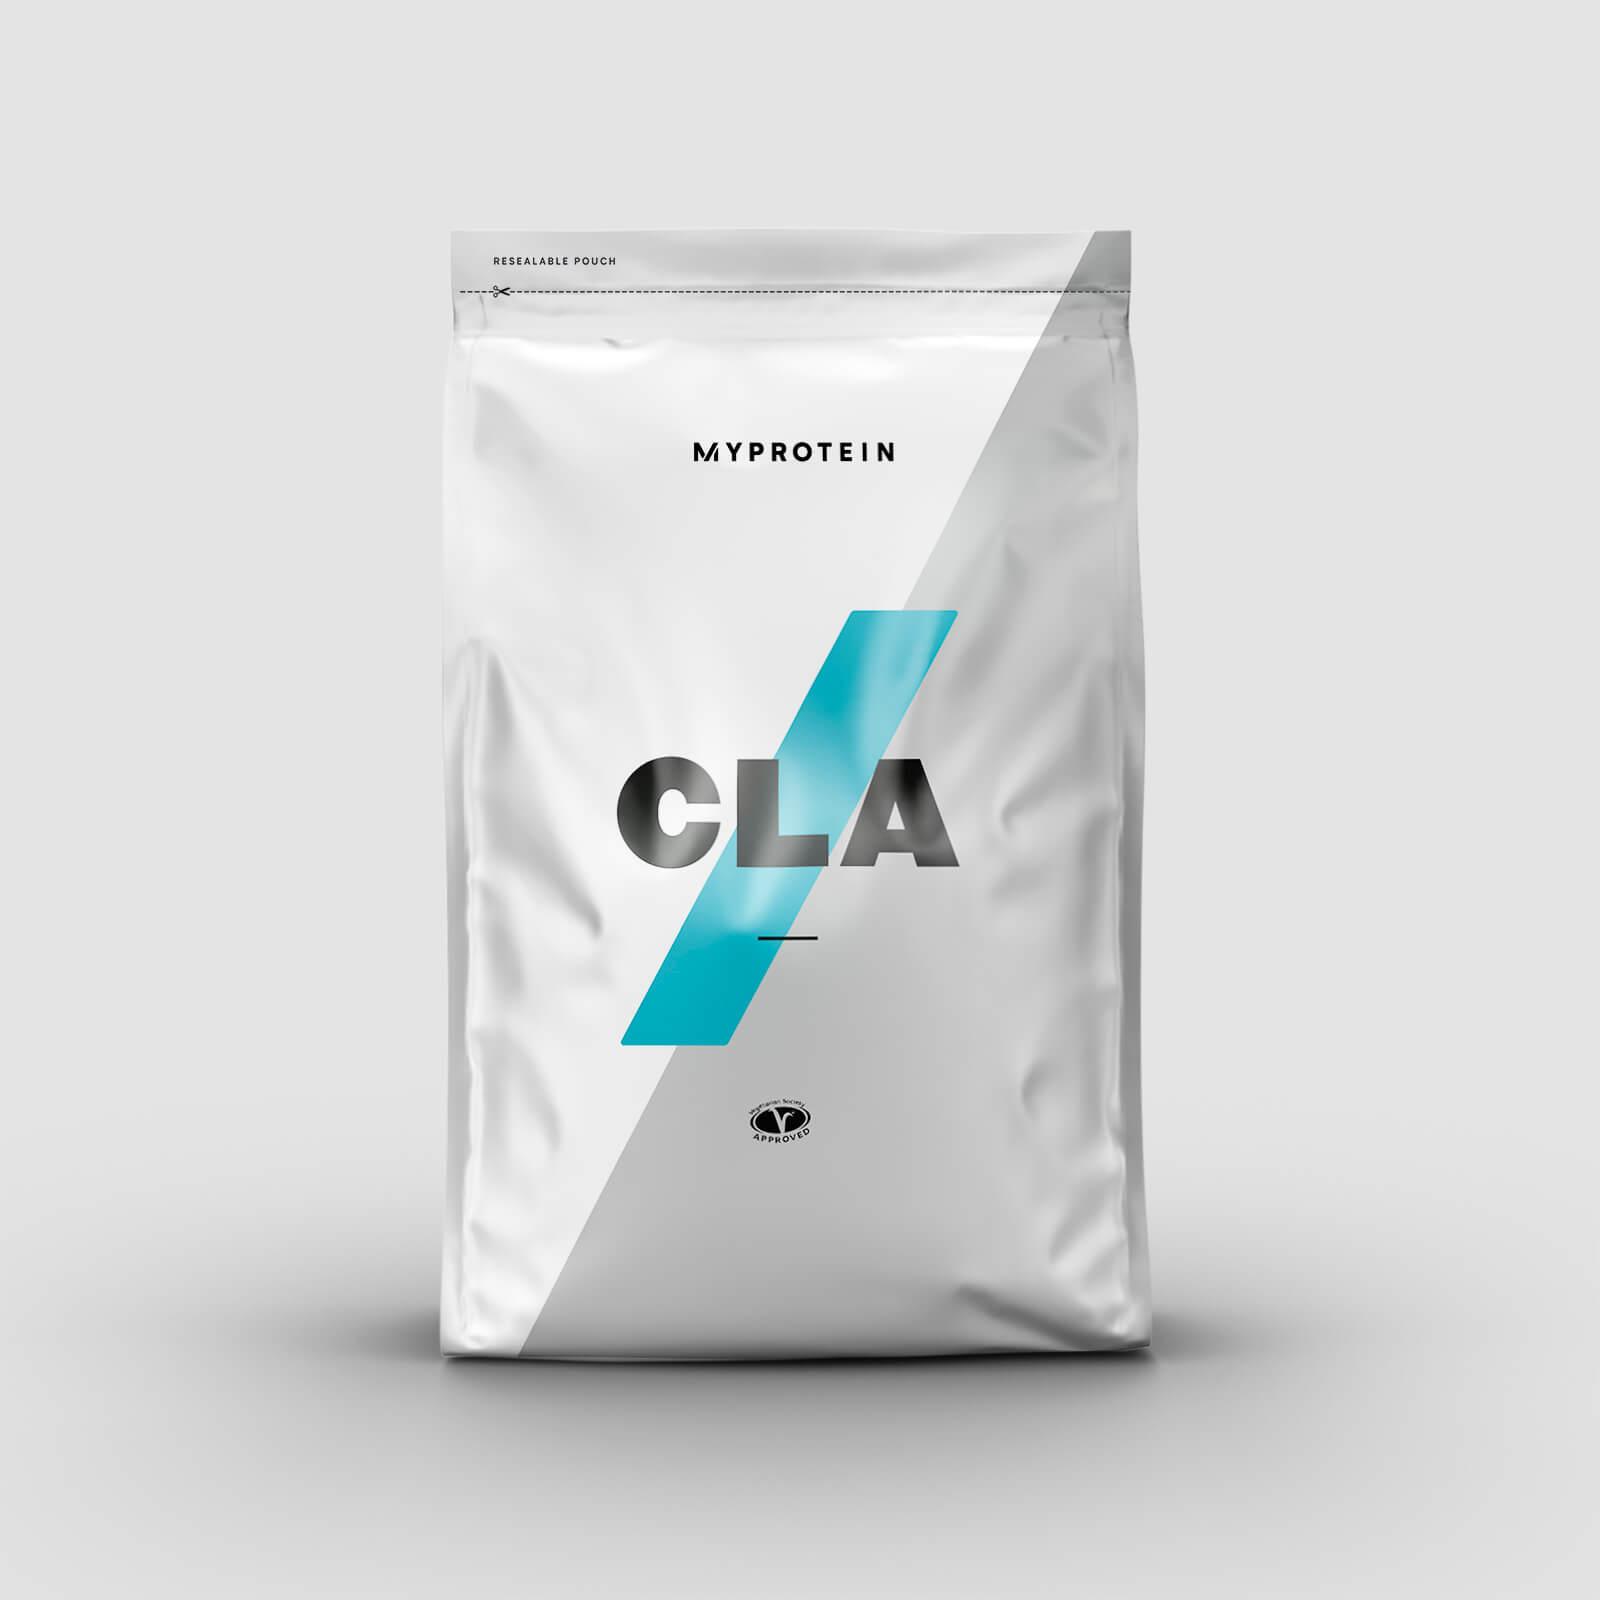 Myprotein CLA en poudre - 250g - Sans arôme ajouté